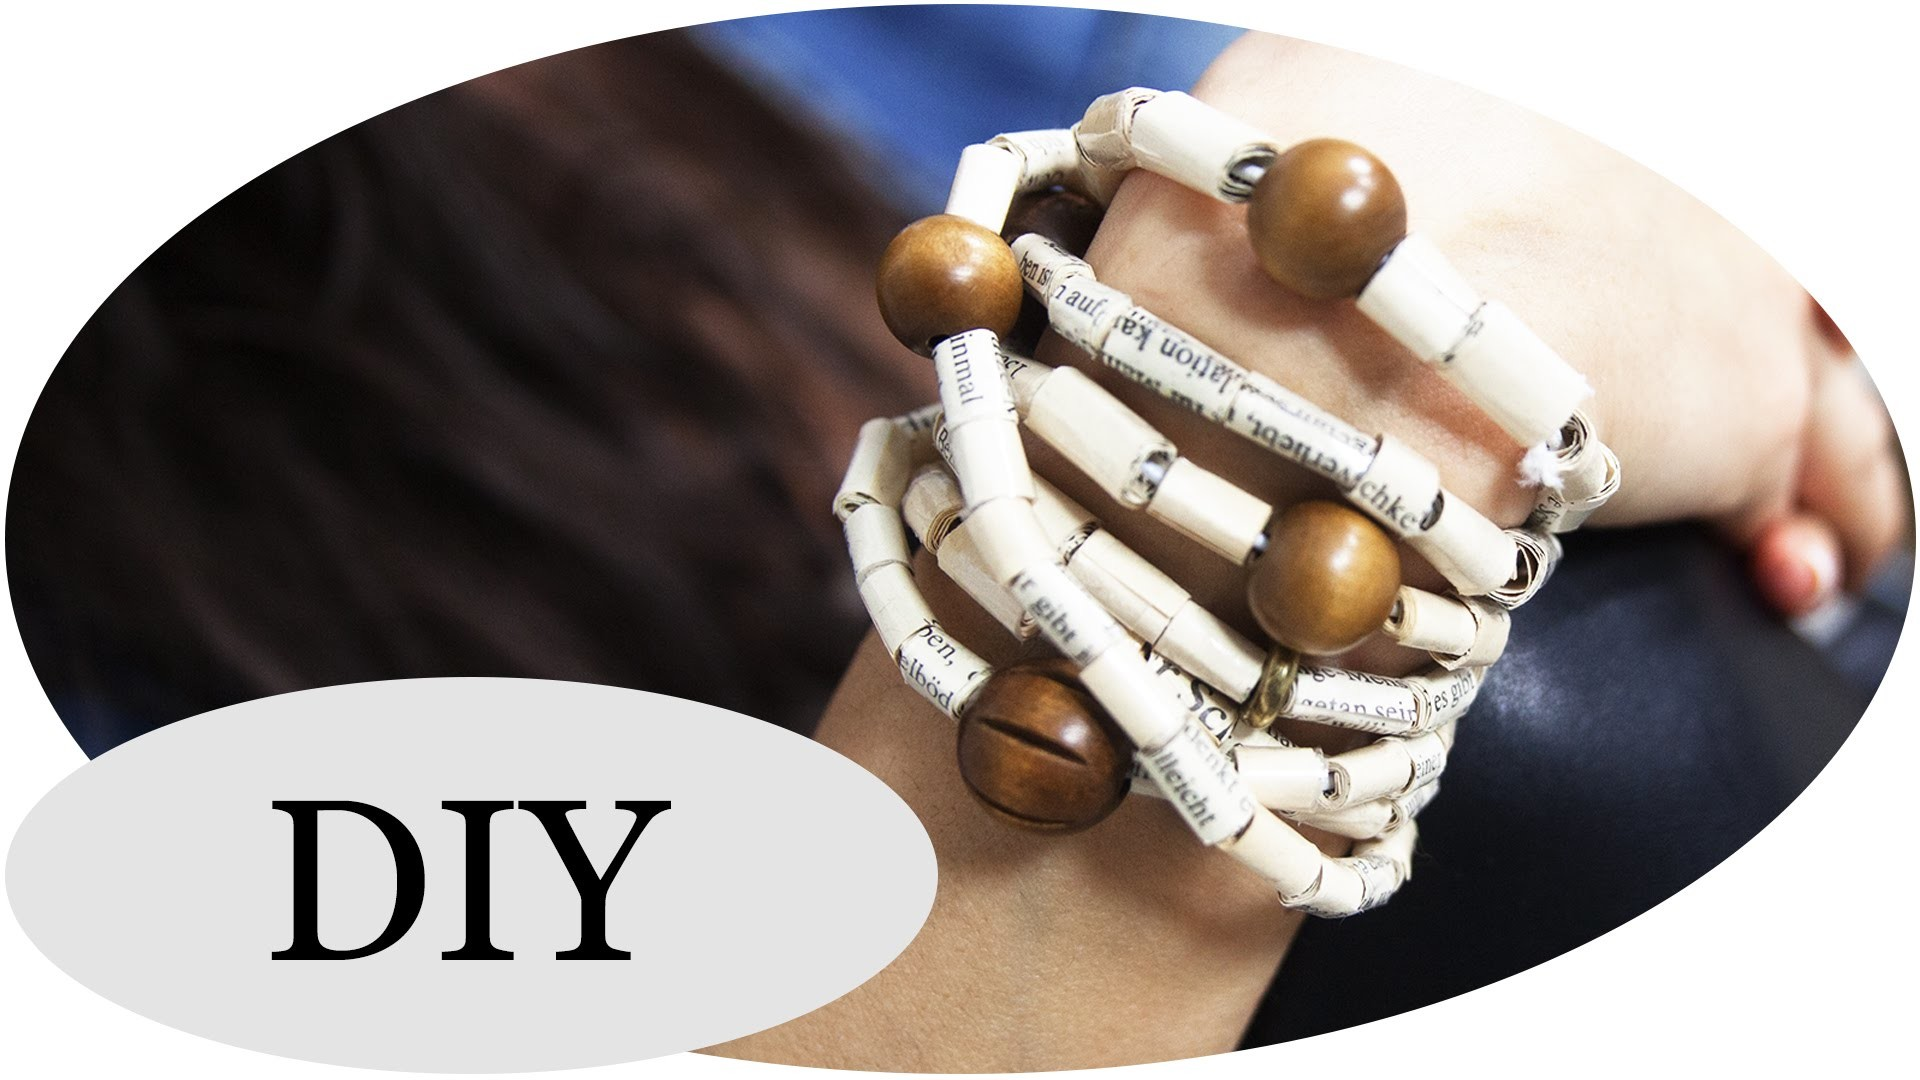 DIY Book Bracelet - Stylisches Armband aus Büchern!